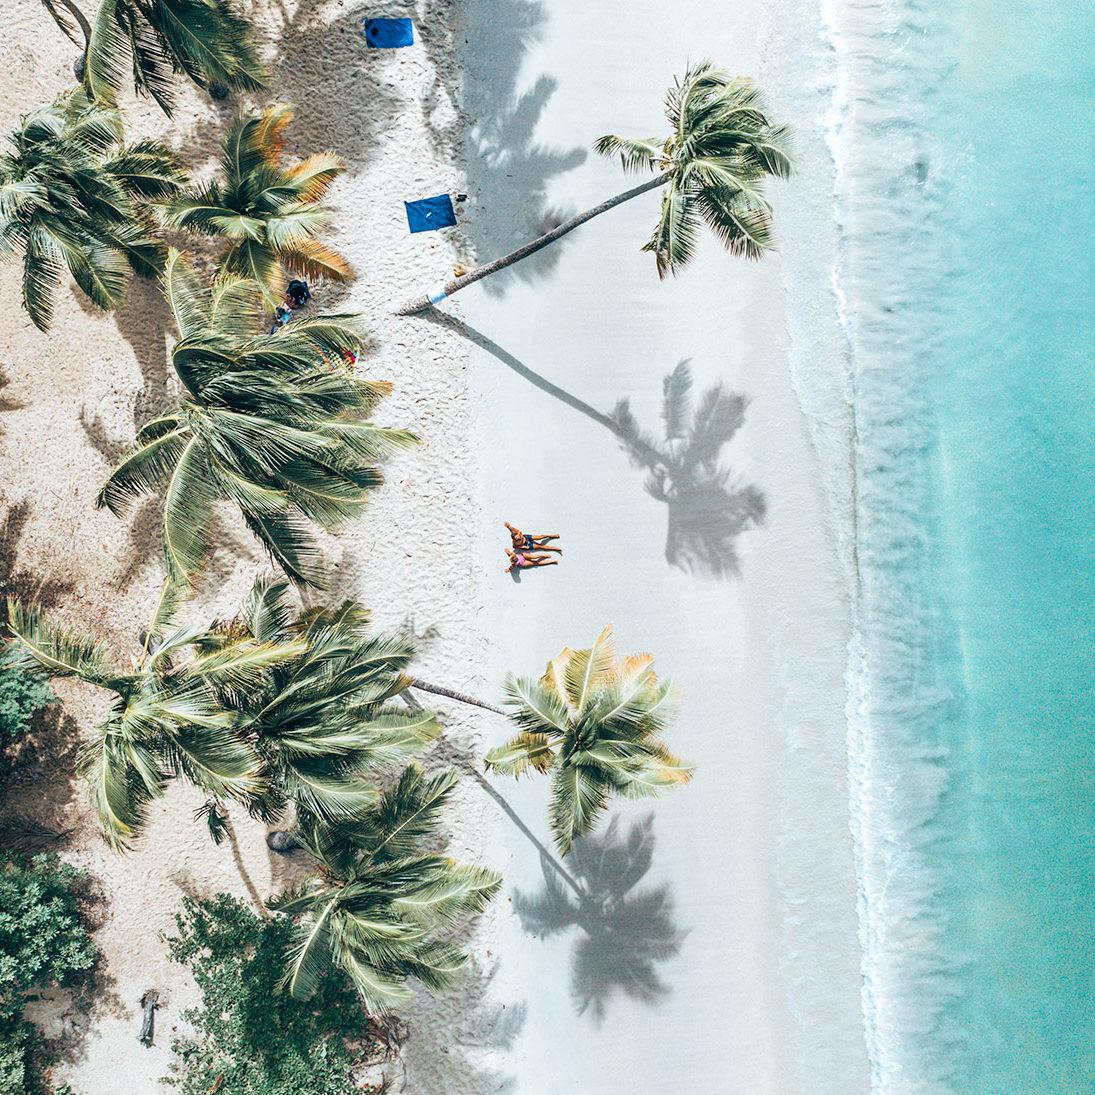 Les droners blog voyage